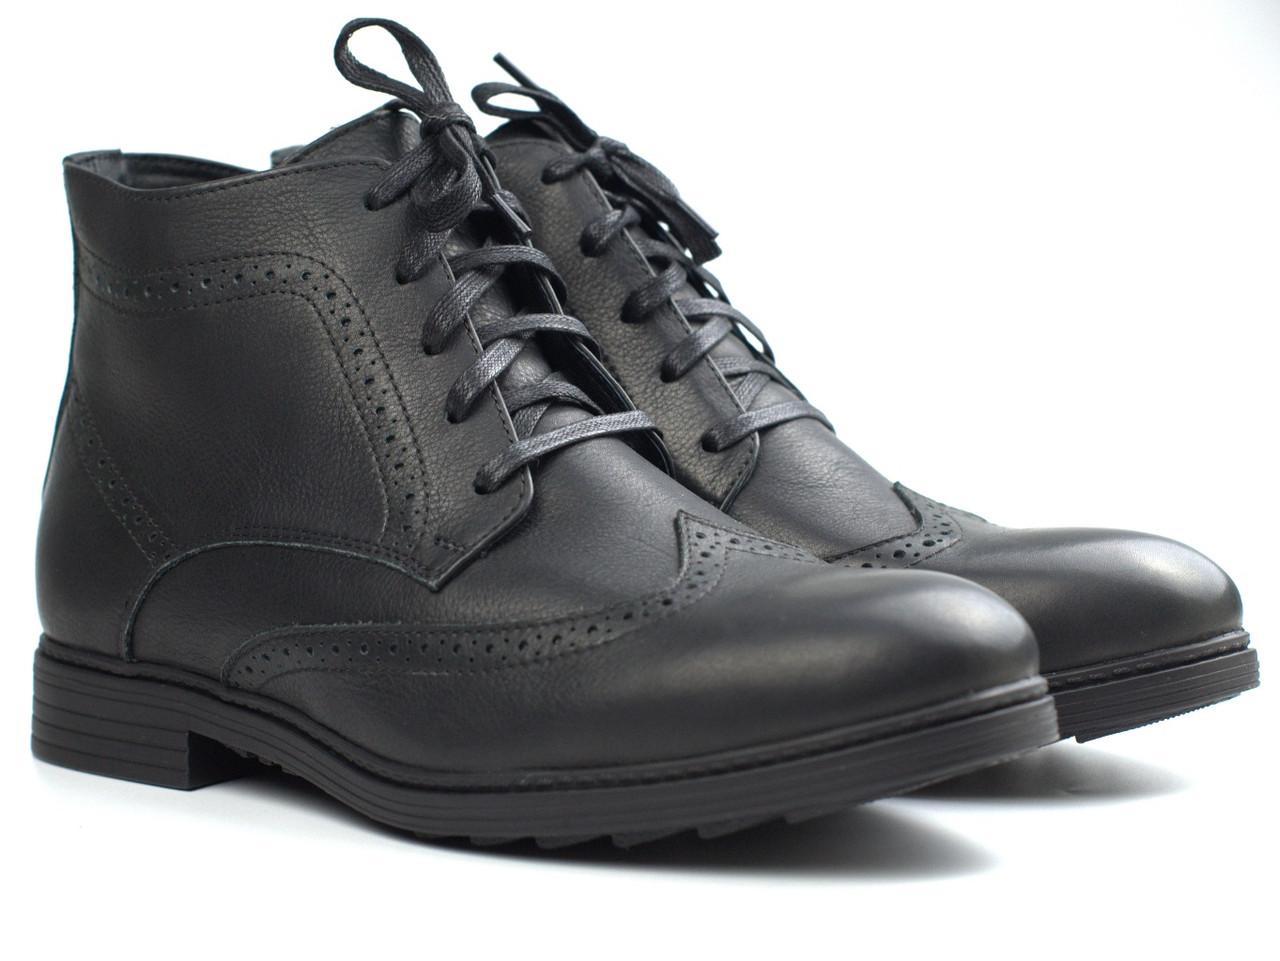 Зимние броги ботинки черные кожаные на овчине мужская обувь больших размер Rosso Avangard Brogues Lux Black BS